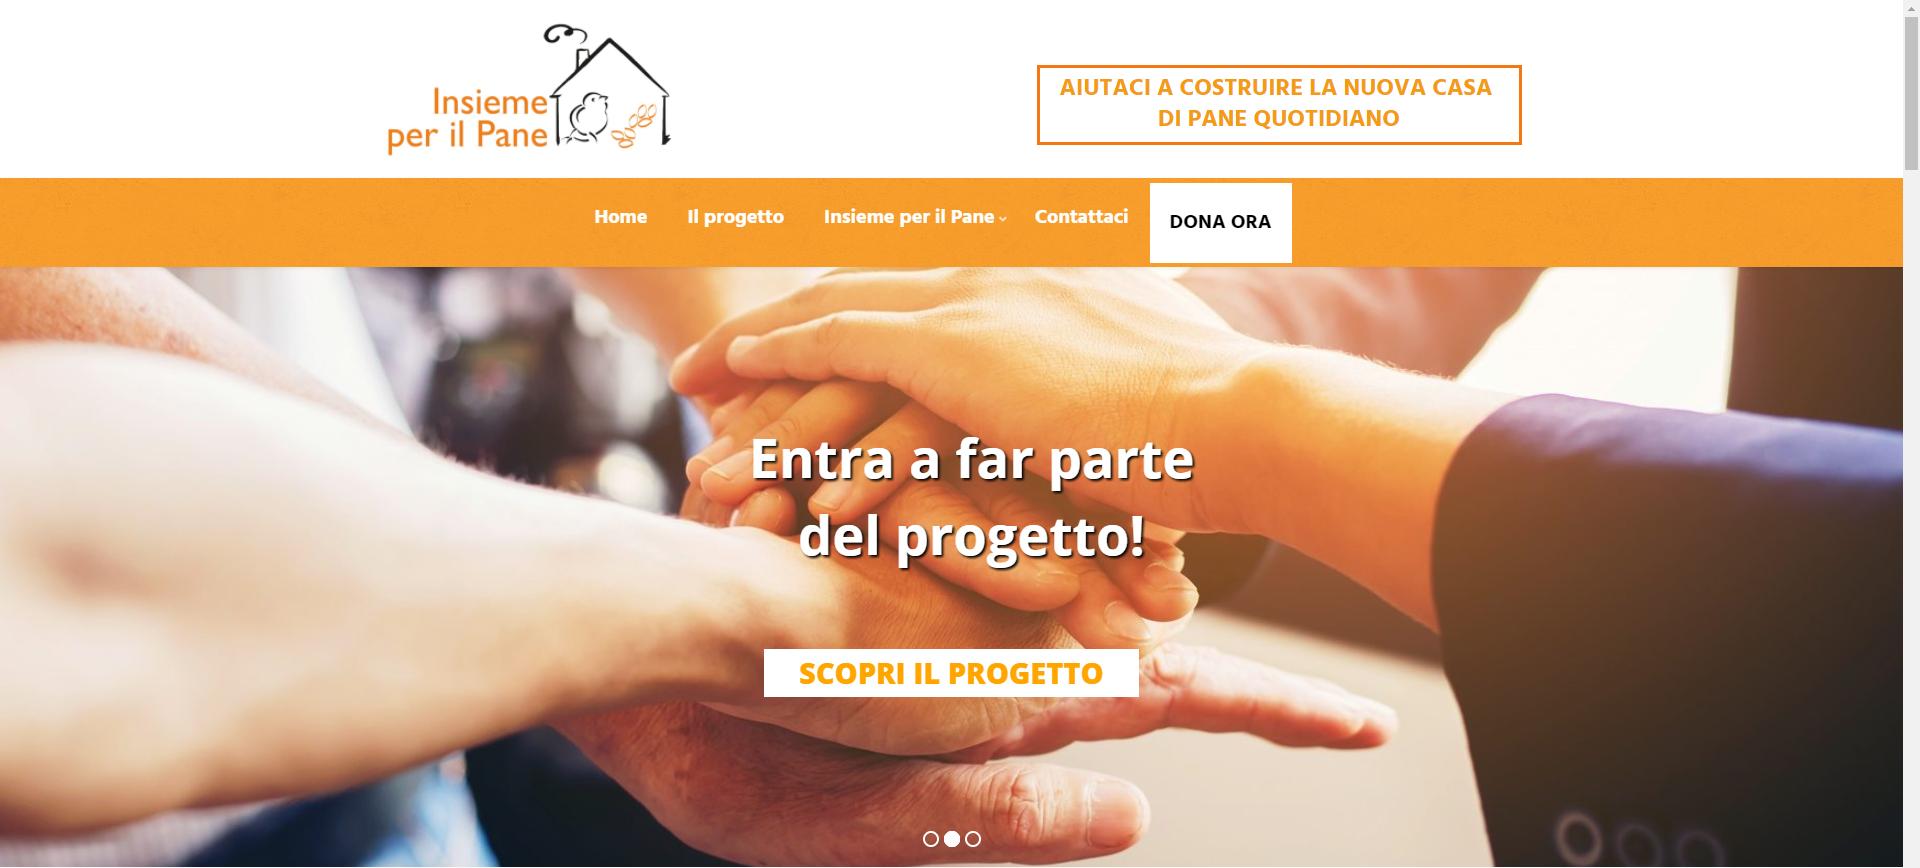 """Sito internet per la Capital Campaign """"Insieme per il Pane"""" di Pane Quotodiano"""